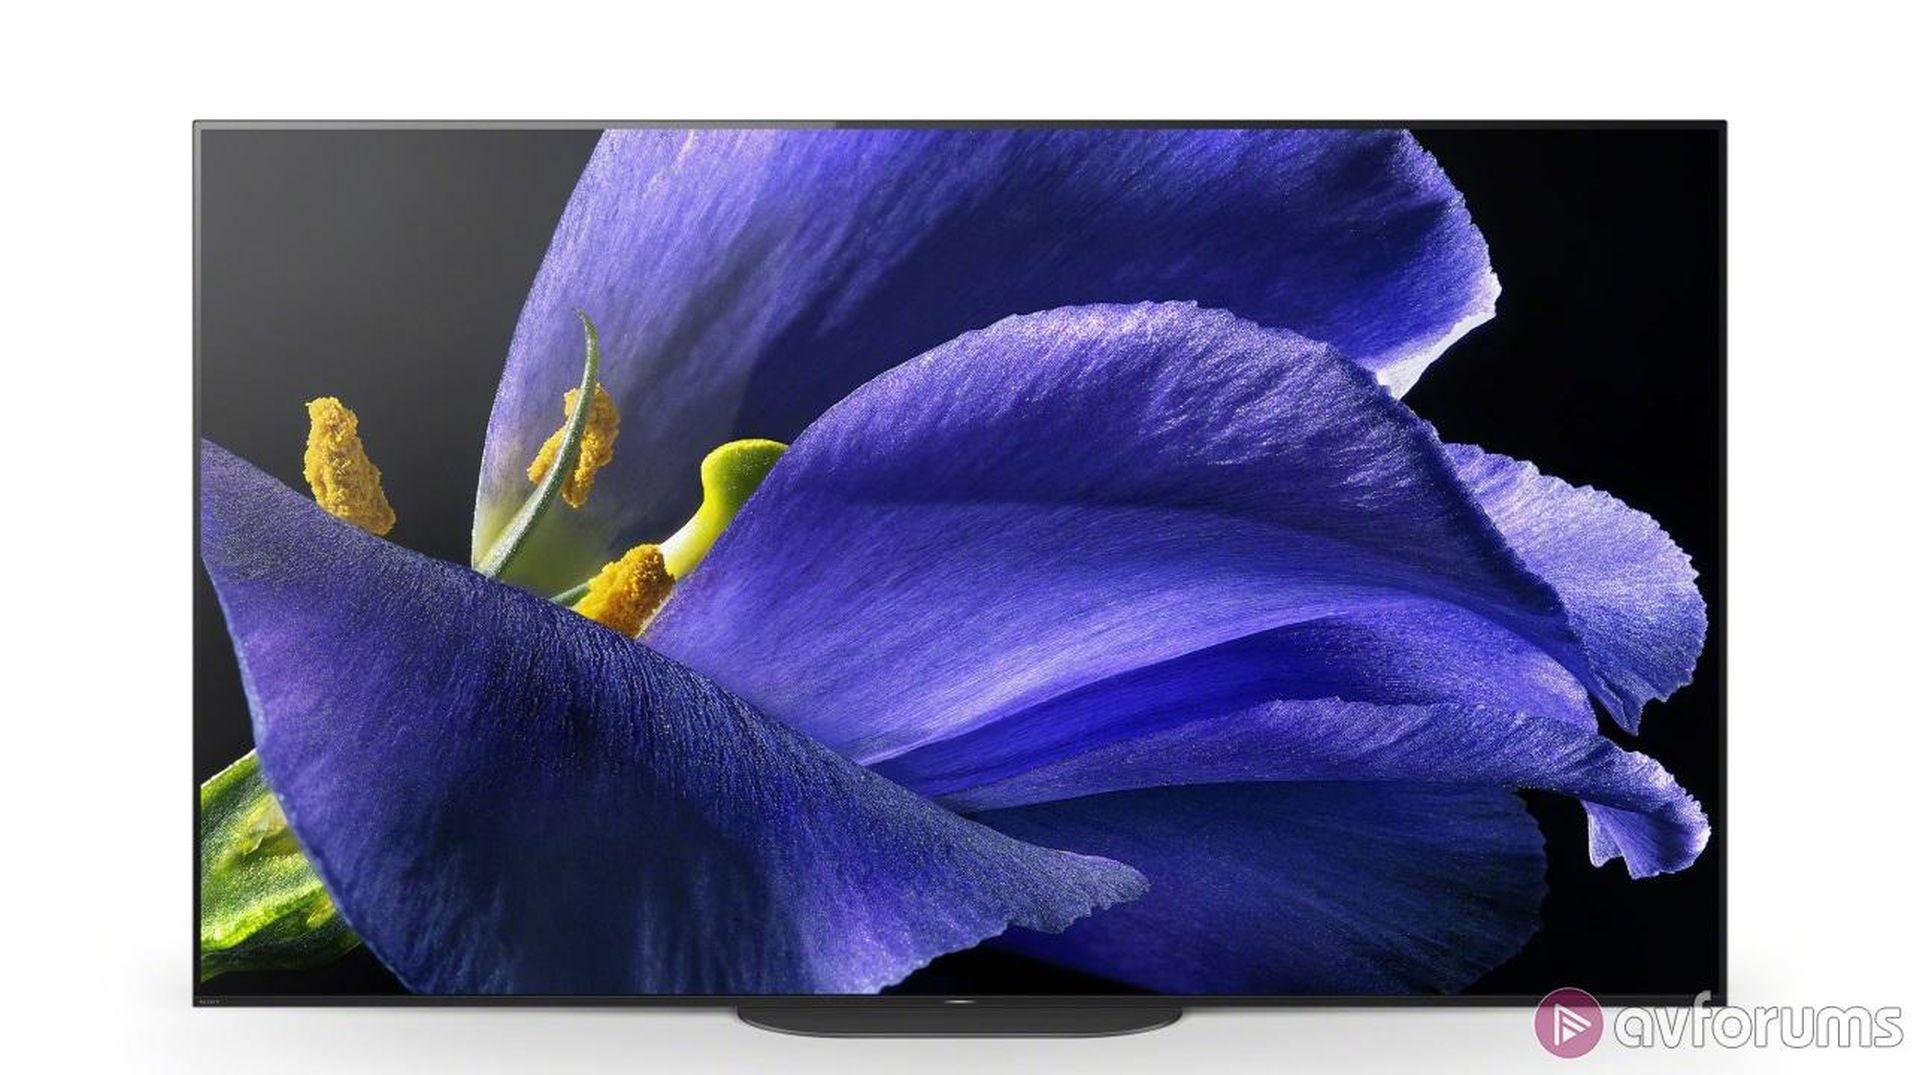 Nowe oprogramowanie telewizorów Sony wspiera HomeKit i AirPlay 2